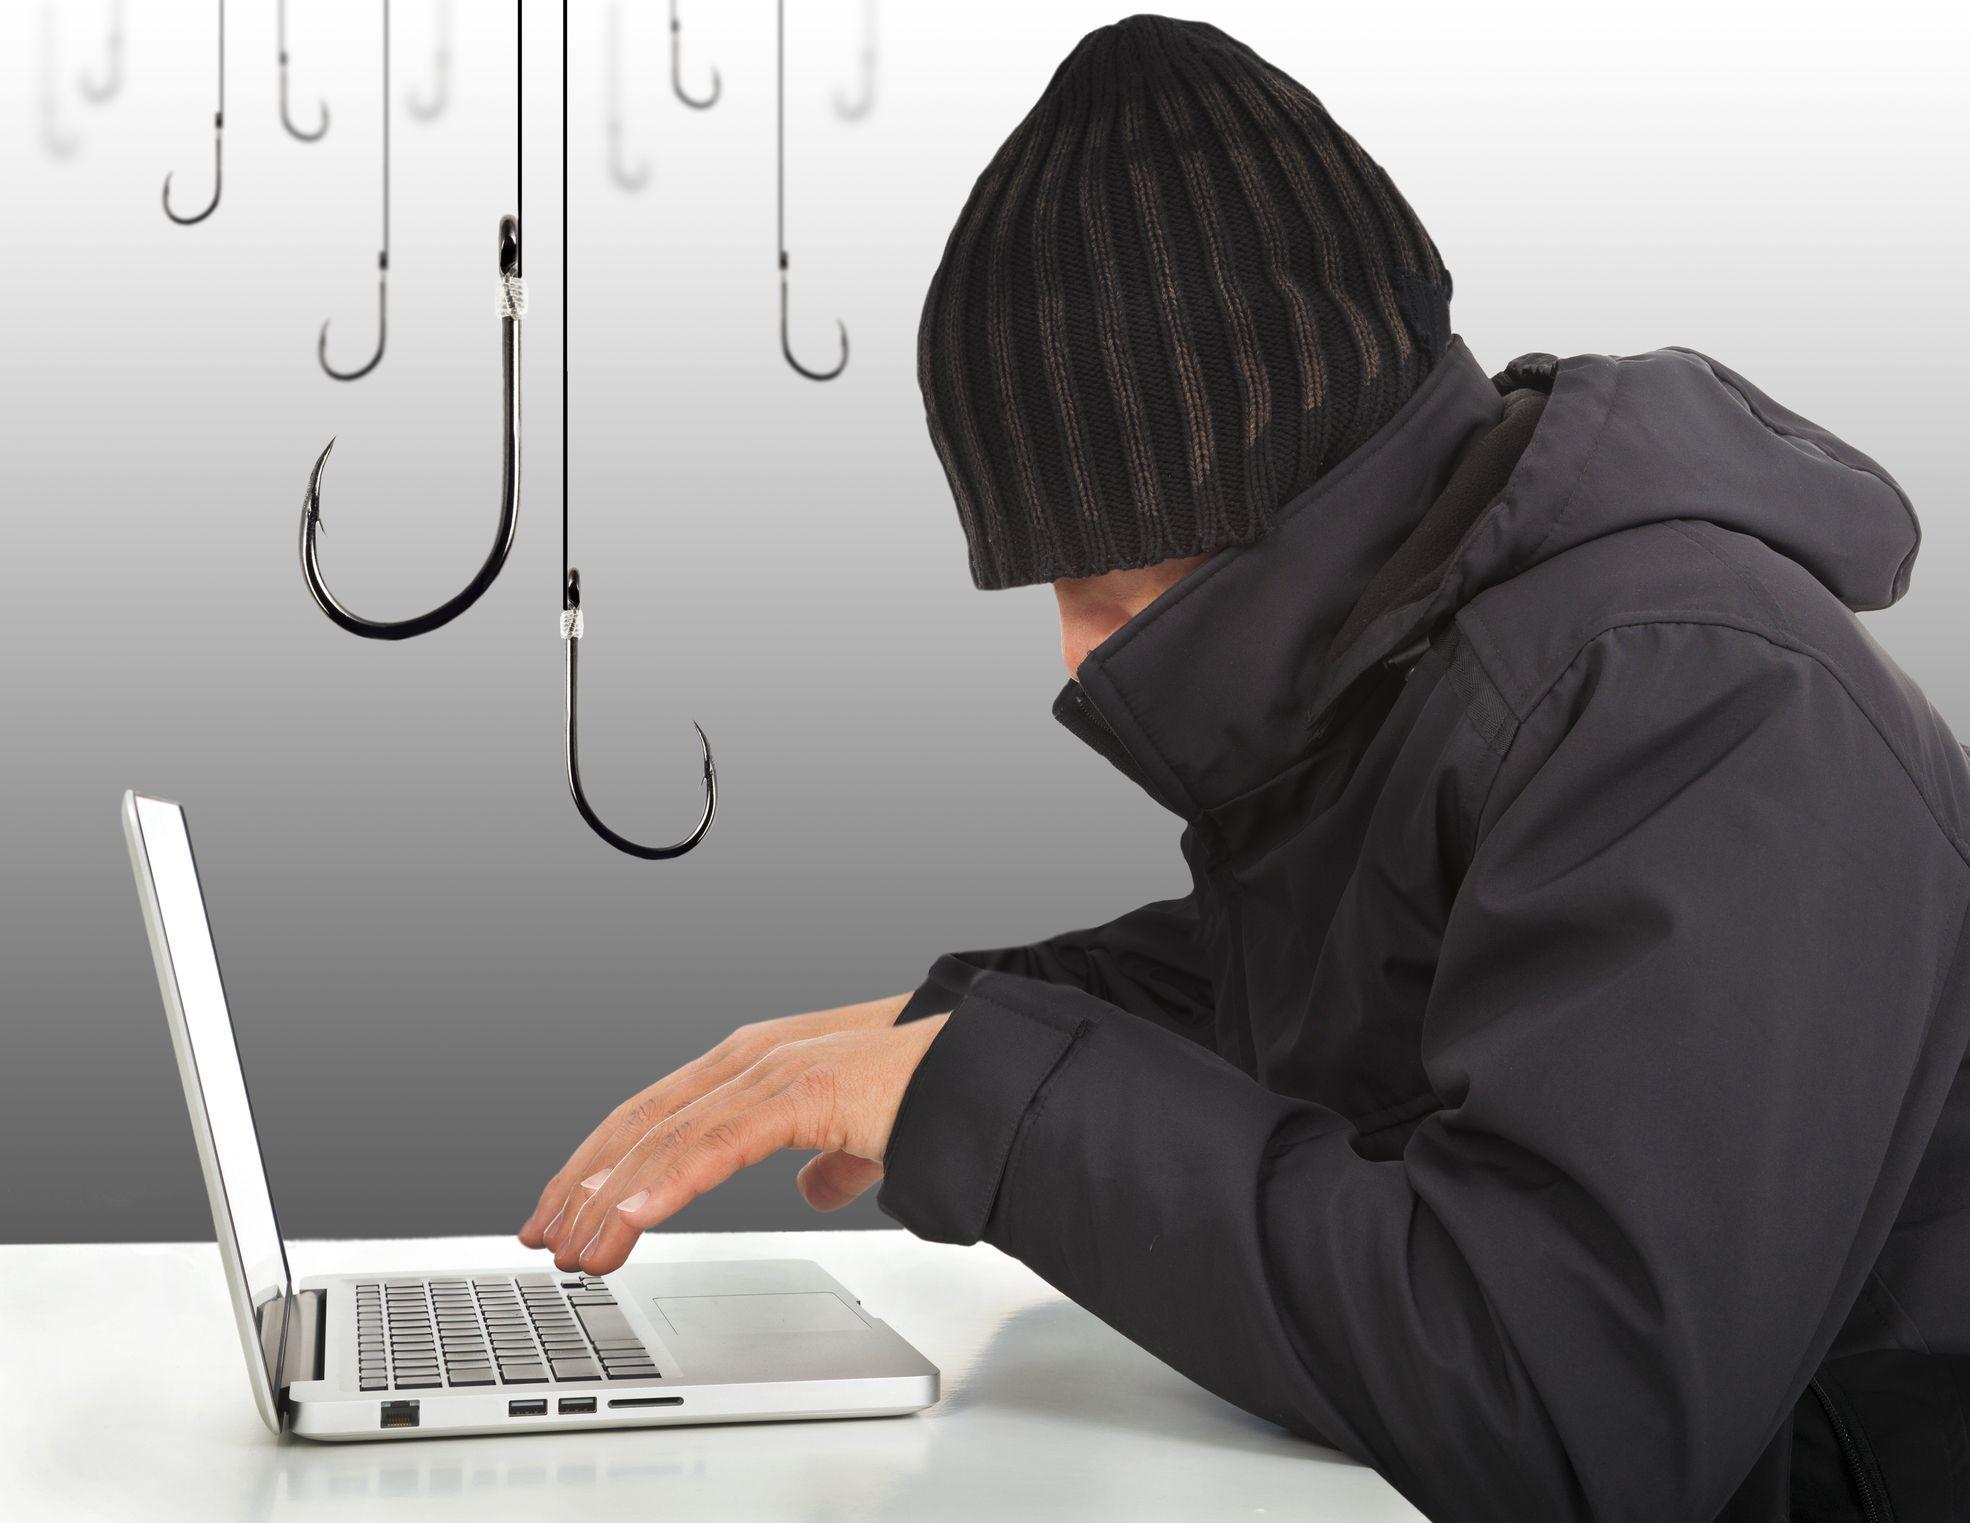 Fałszywe e-maile nt. rozliczenia podatku z MF